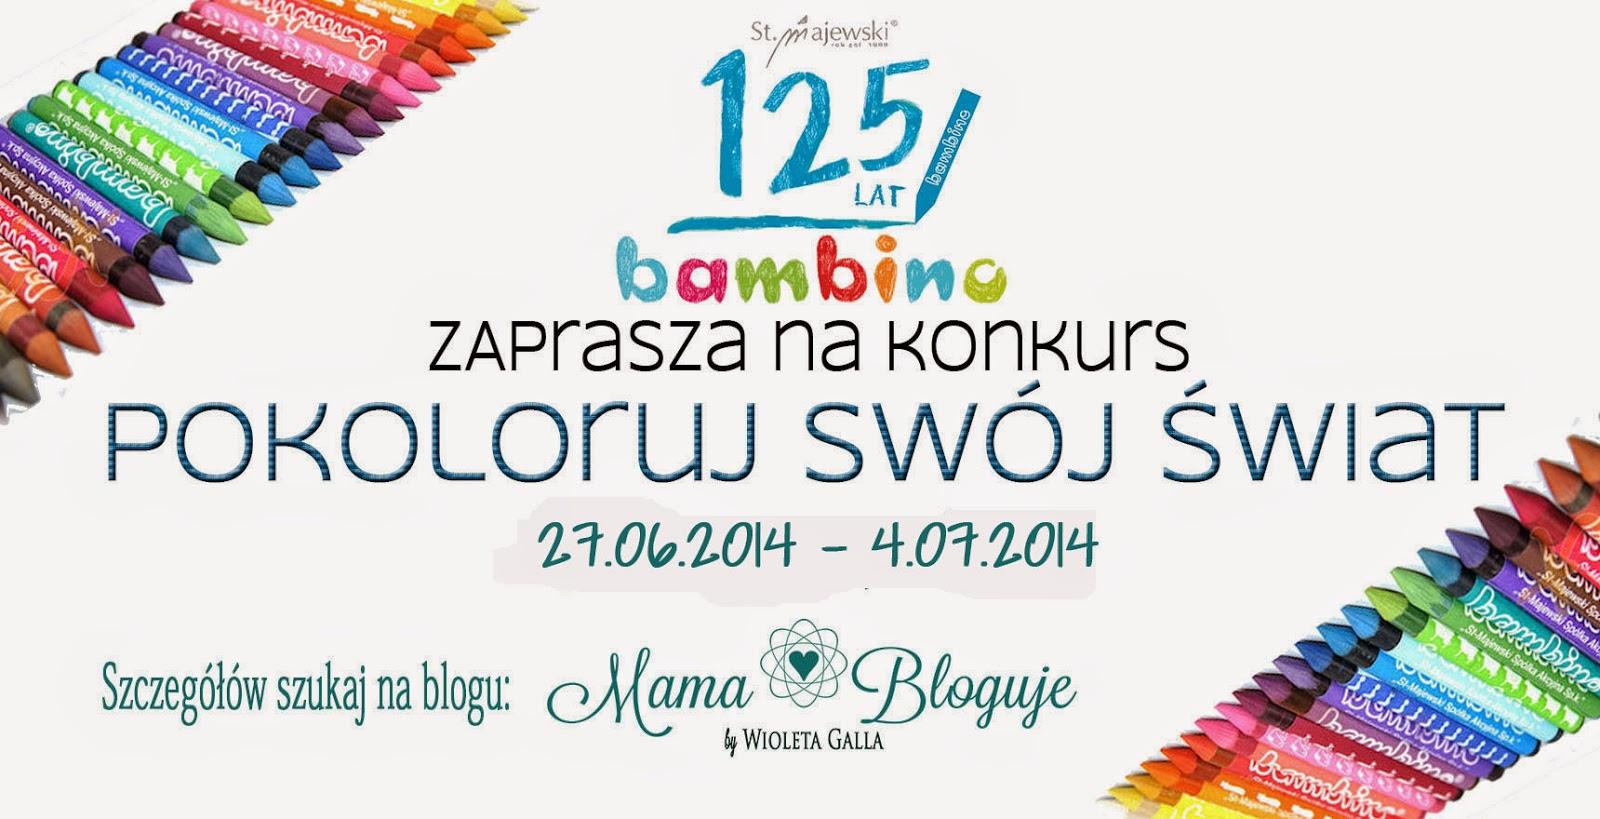 http://www.mama-bloguje.com/konkurs-pokoloruj-swoj-swiat/